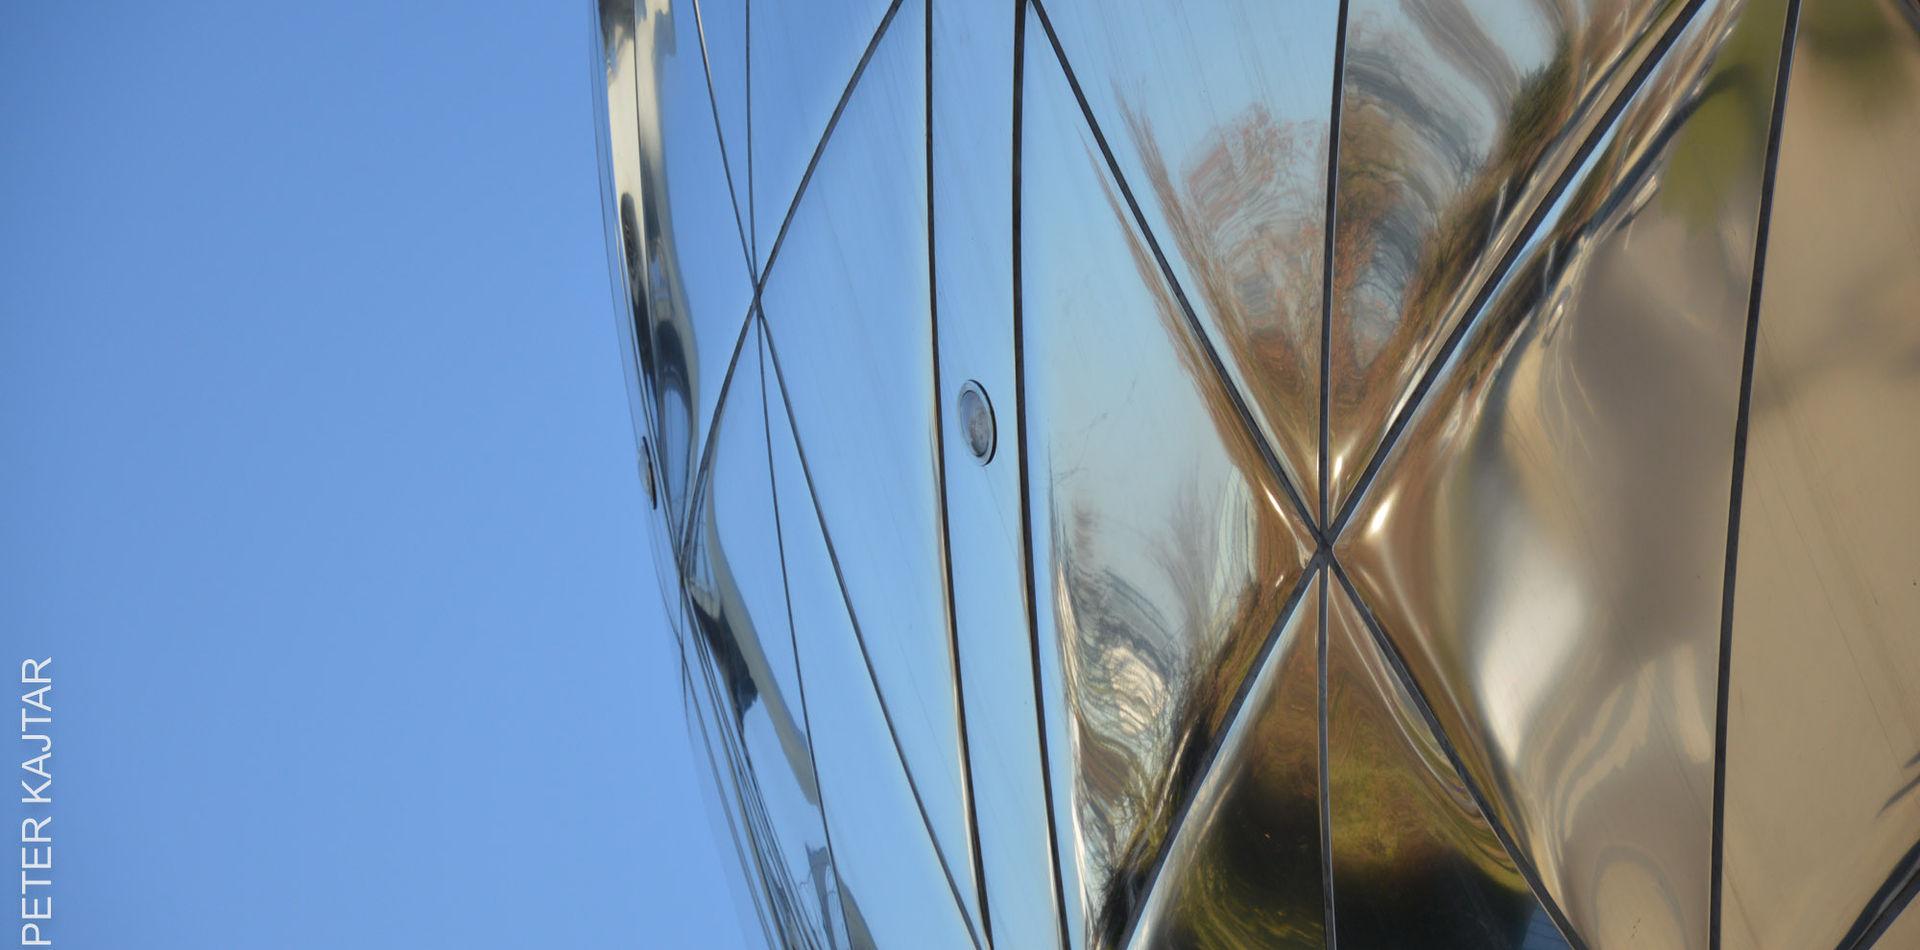 Atomium detail